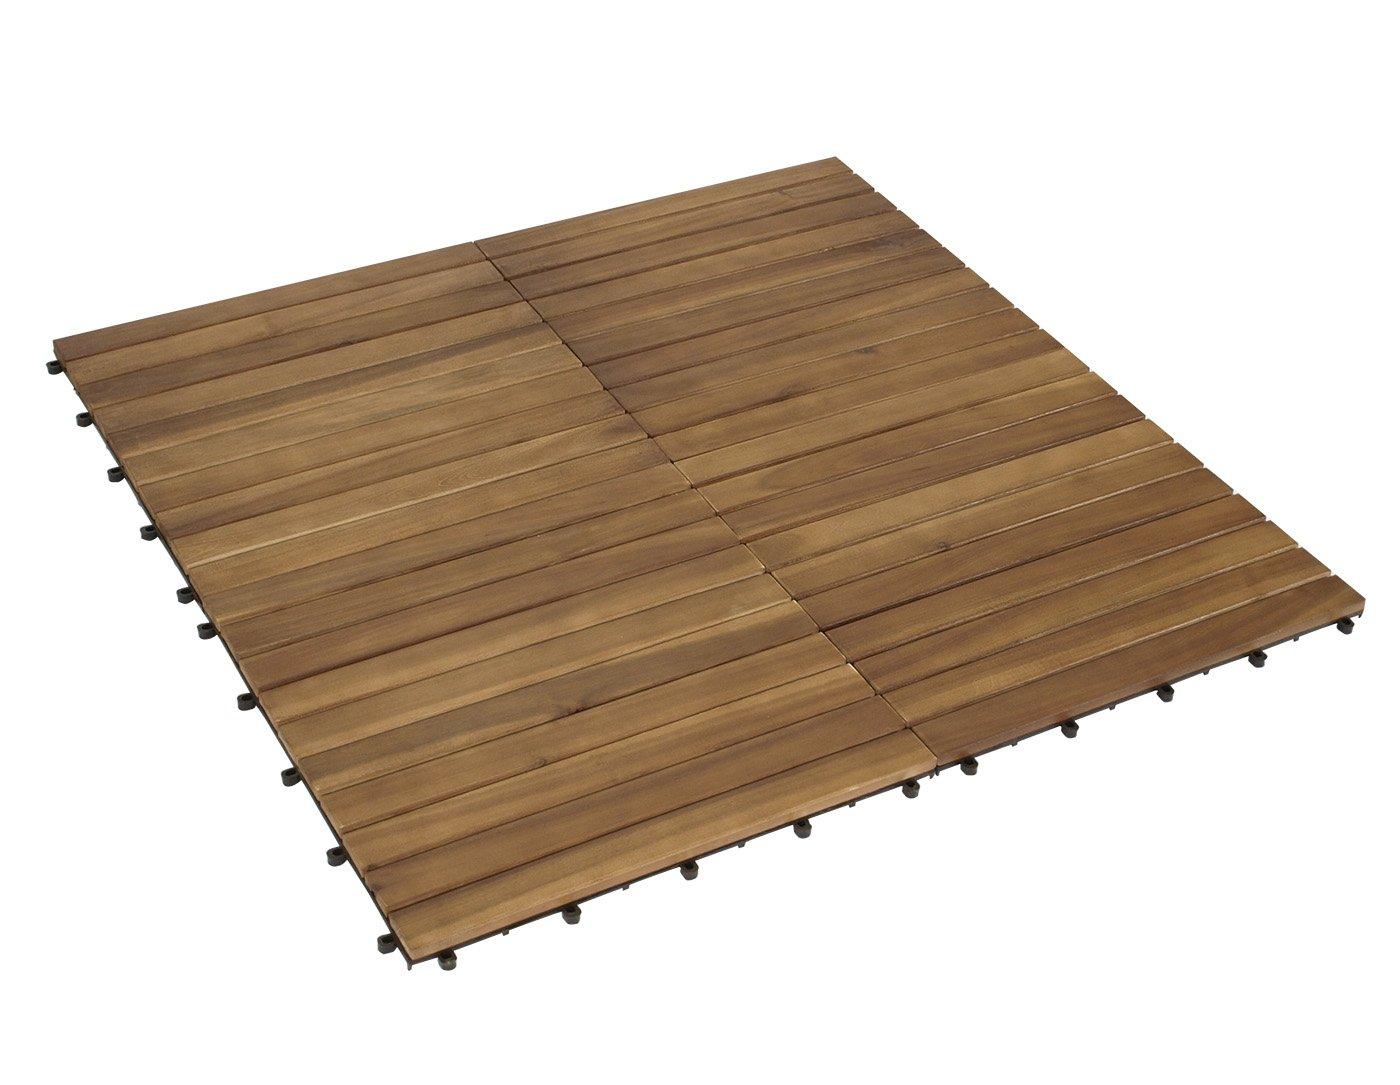 Drainage Tegels 50x50 : Degamo xl holzfliesen 50x50cm aus akazien holz 5er set fsc